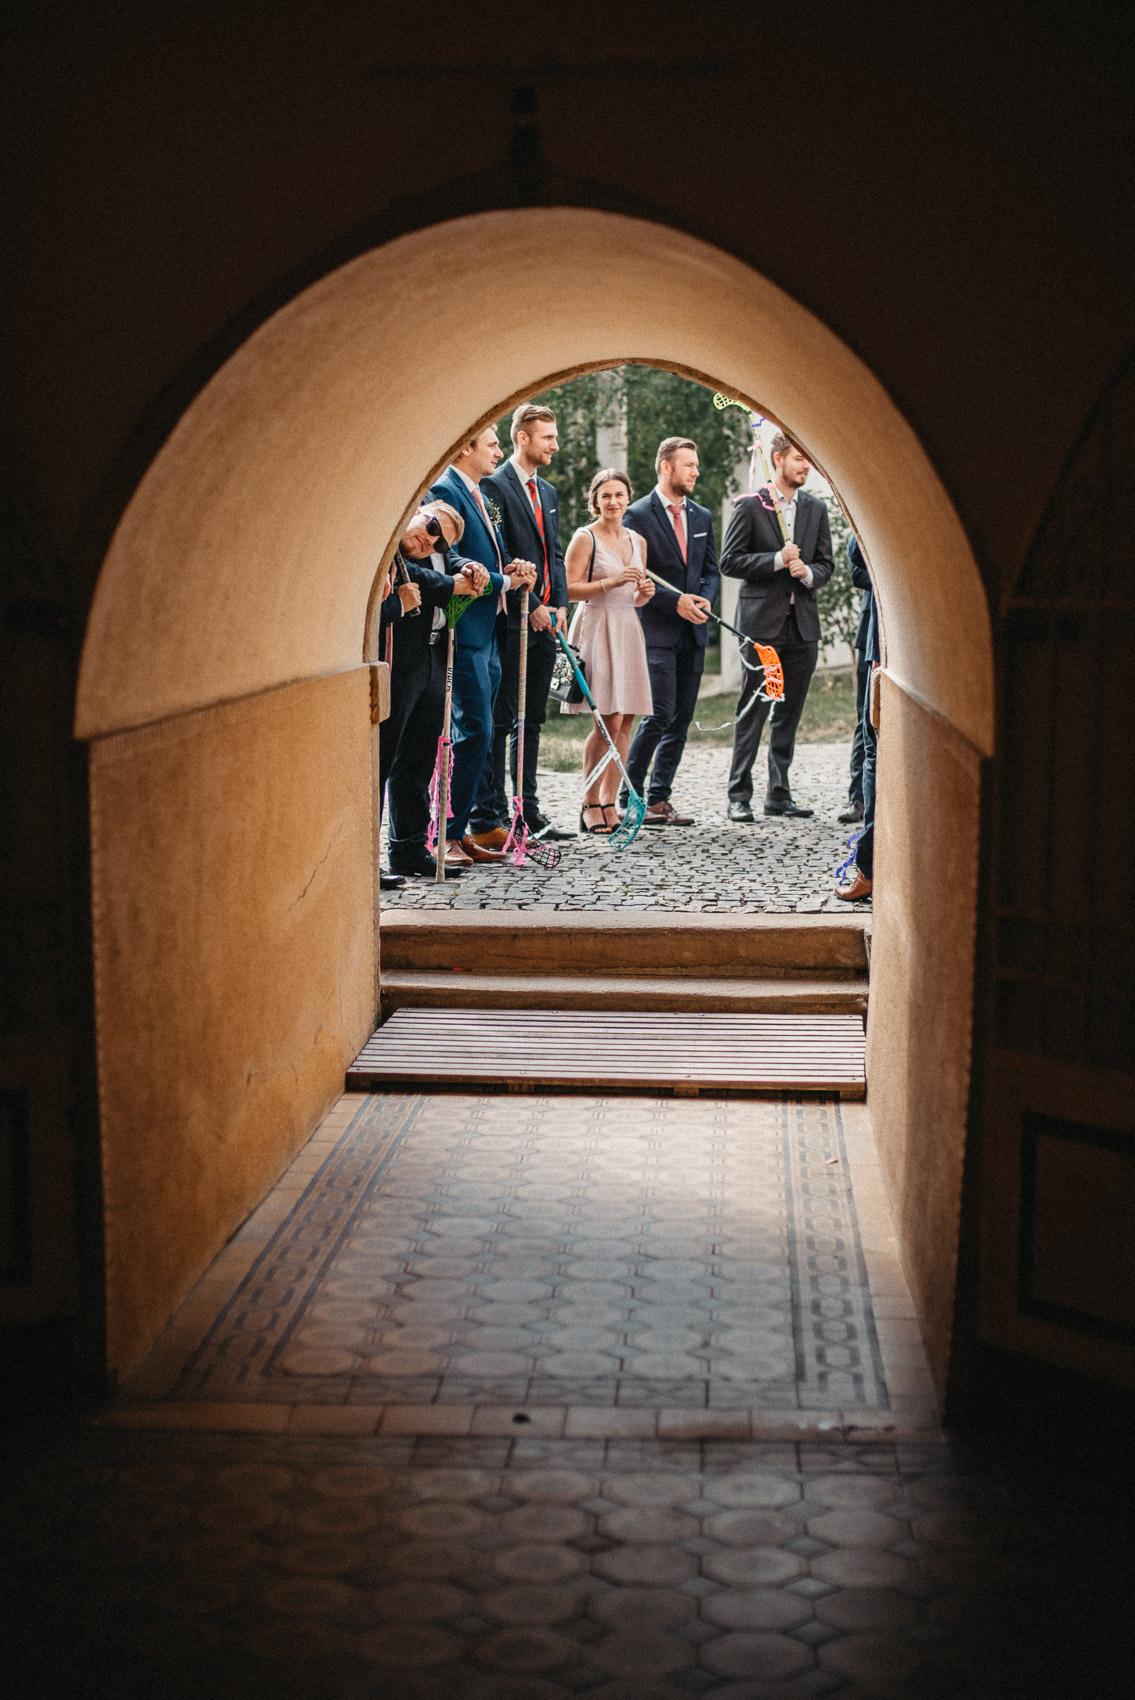 svatba v kostele 2